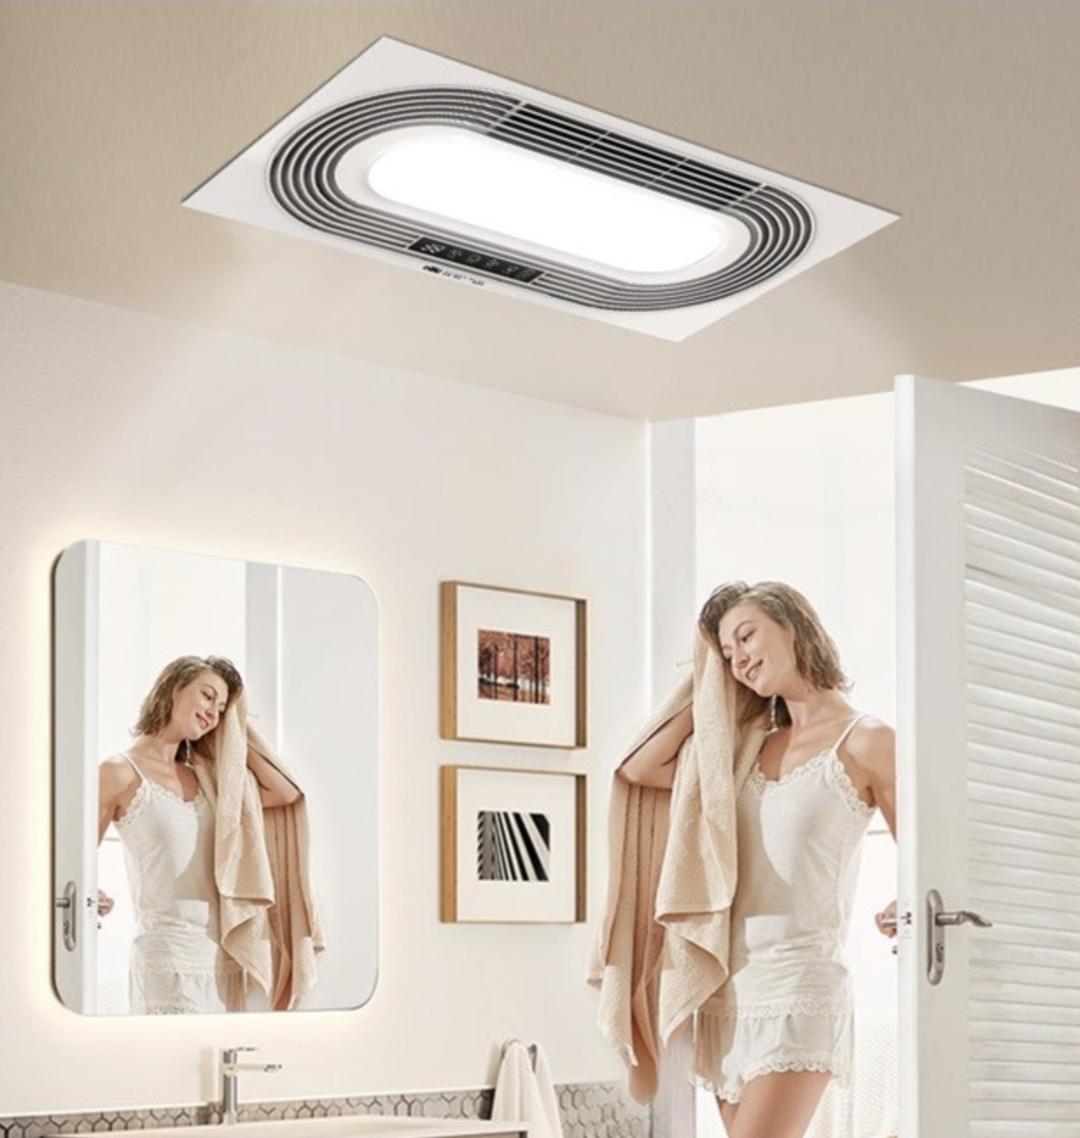 雷士照明上新离线声控浴霸,免WIFI免APP,专利热环流风道,全面革新暖浴体验!